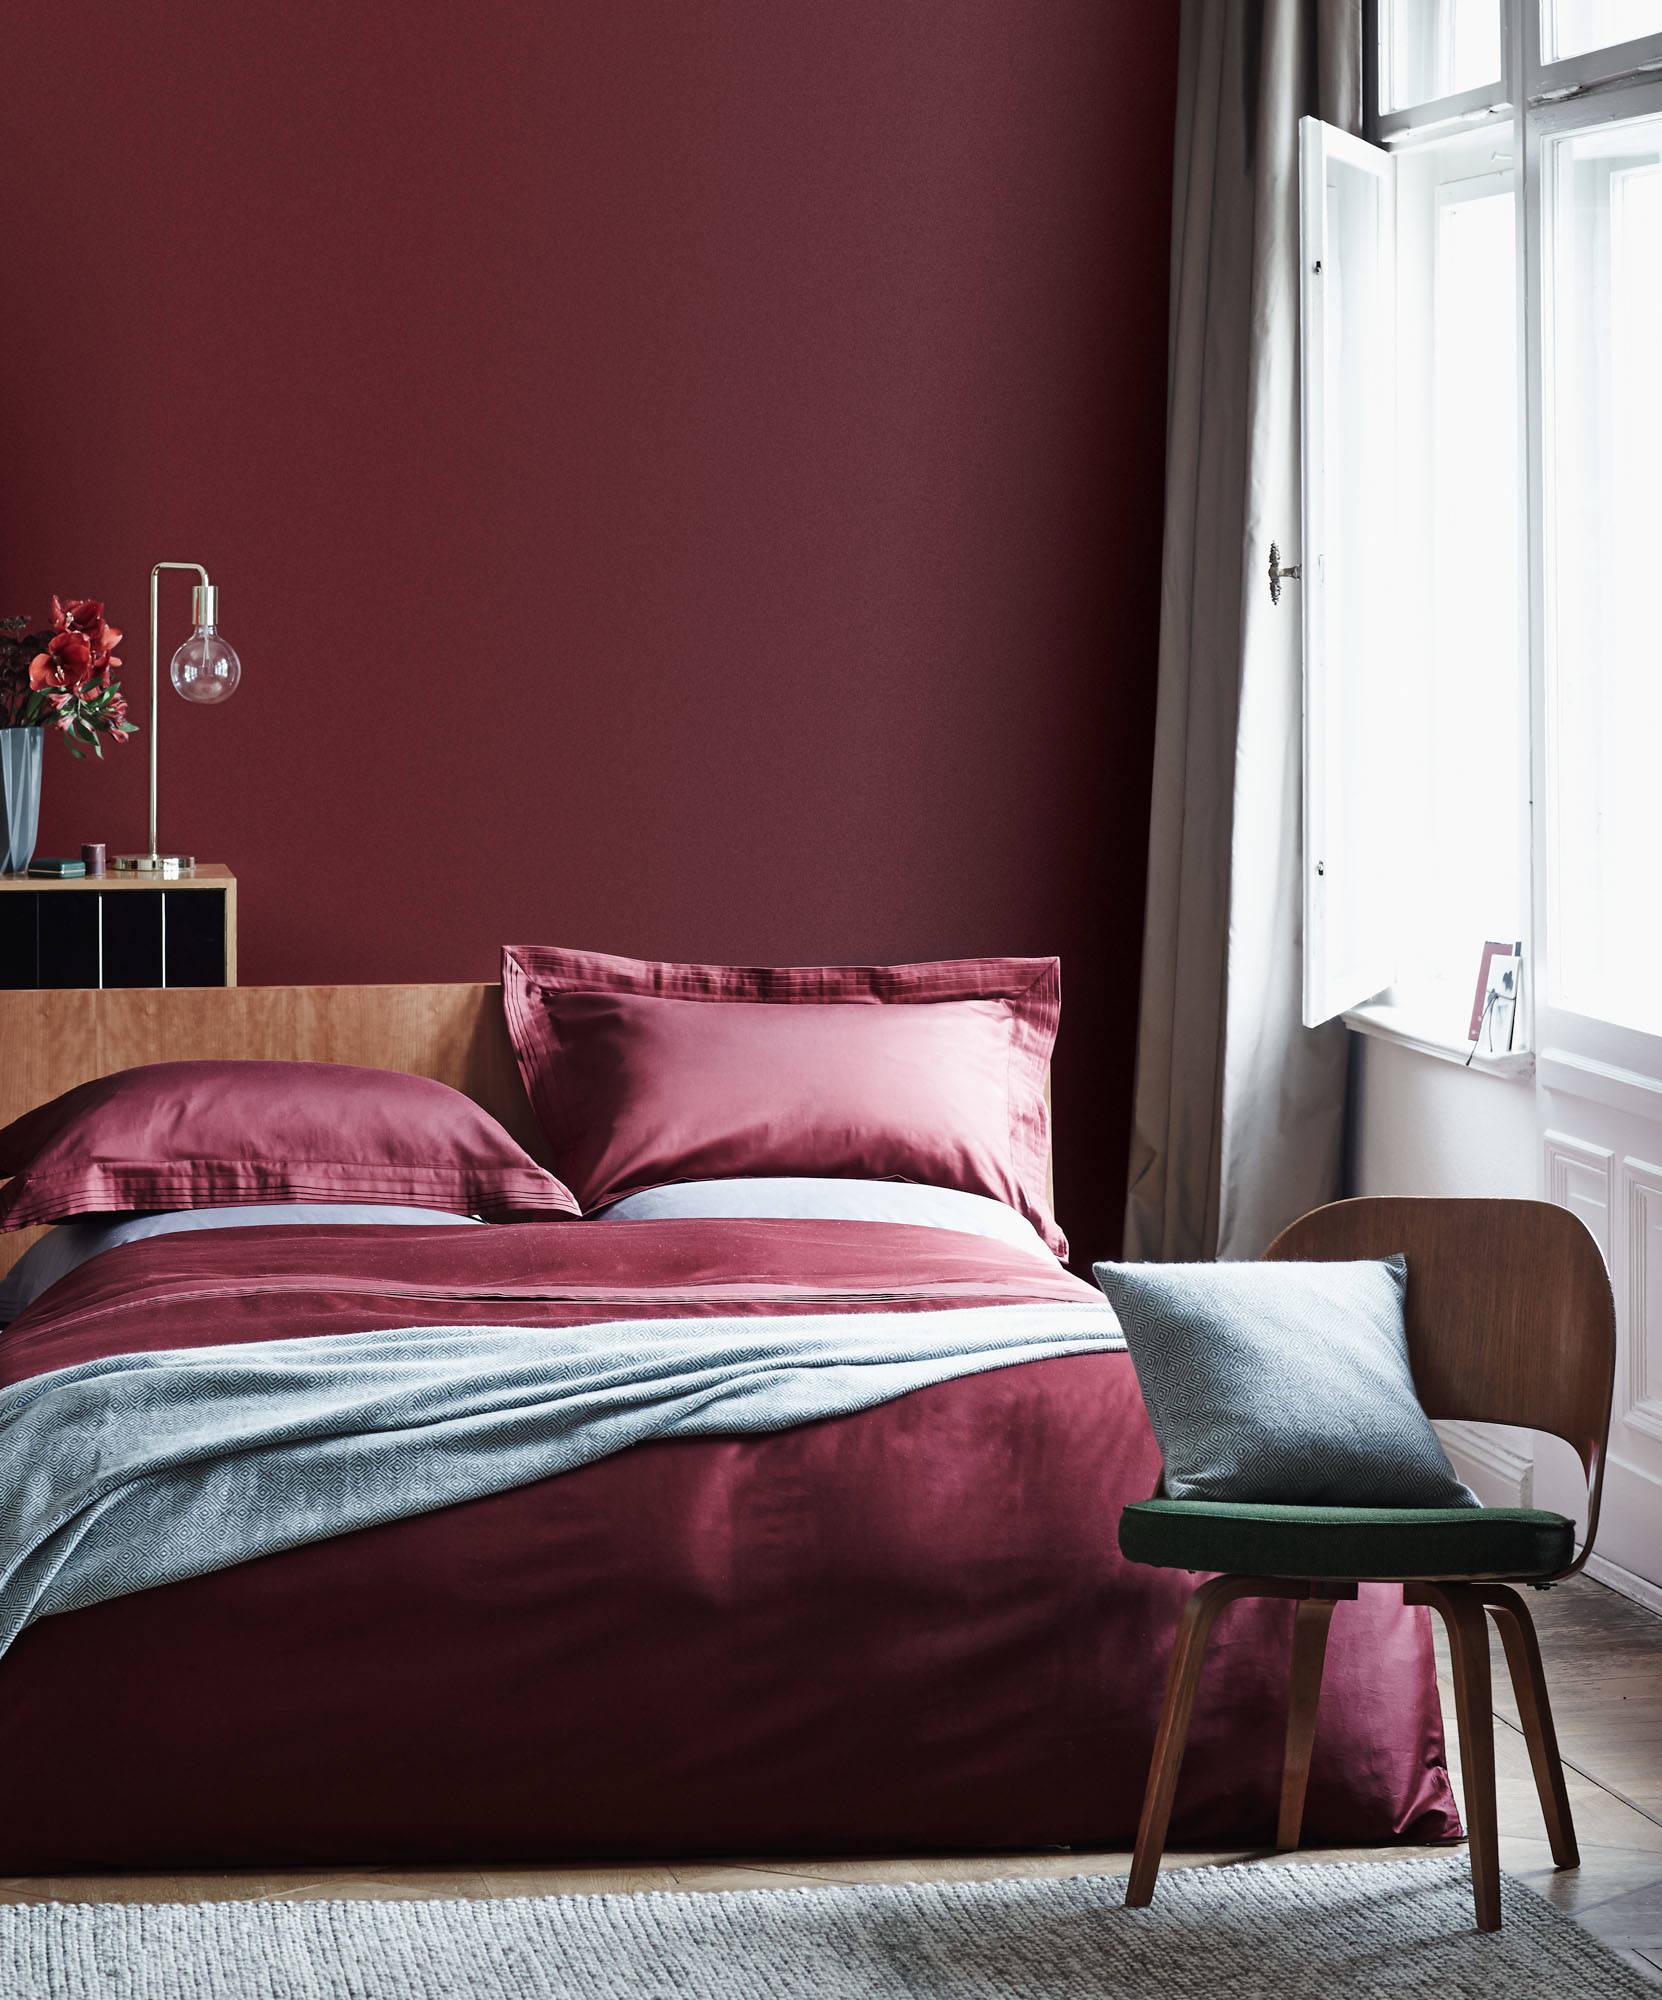 Schlafzimmer streichen – Tipps & Ideen